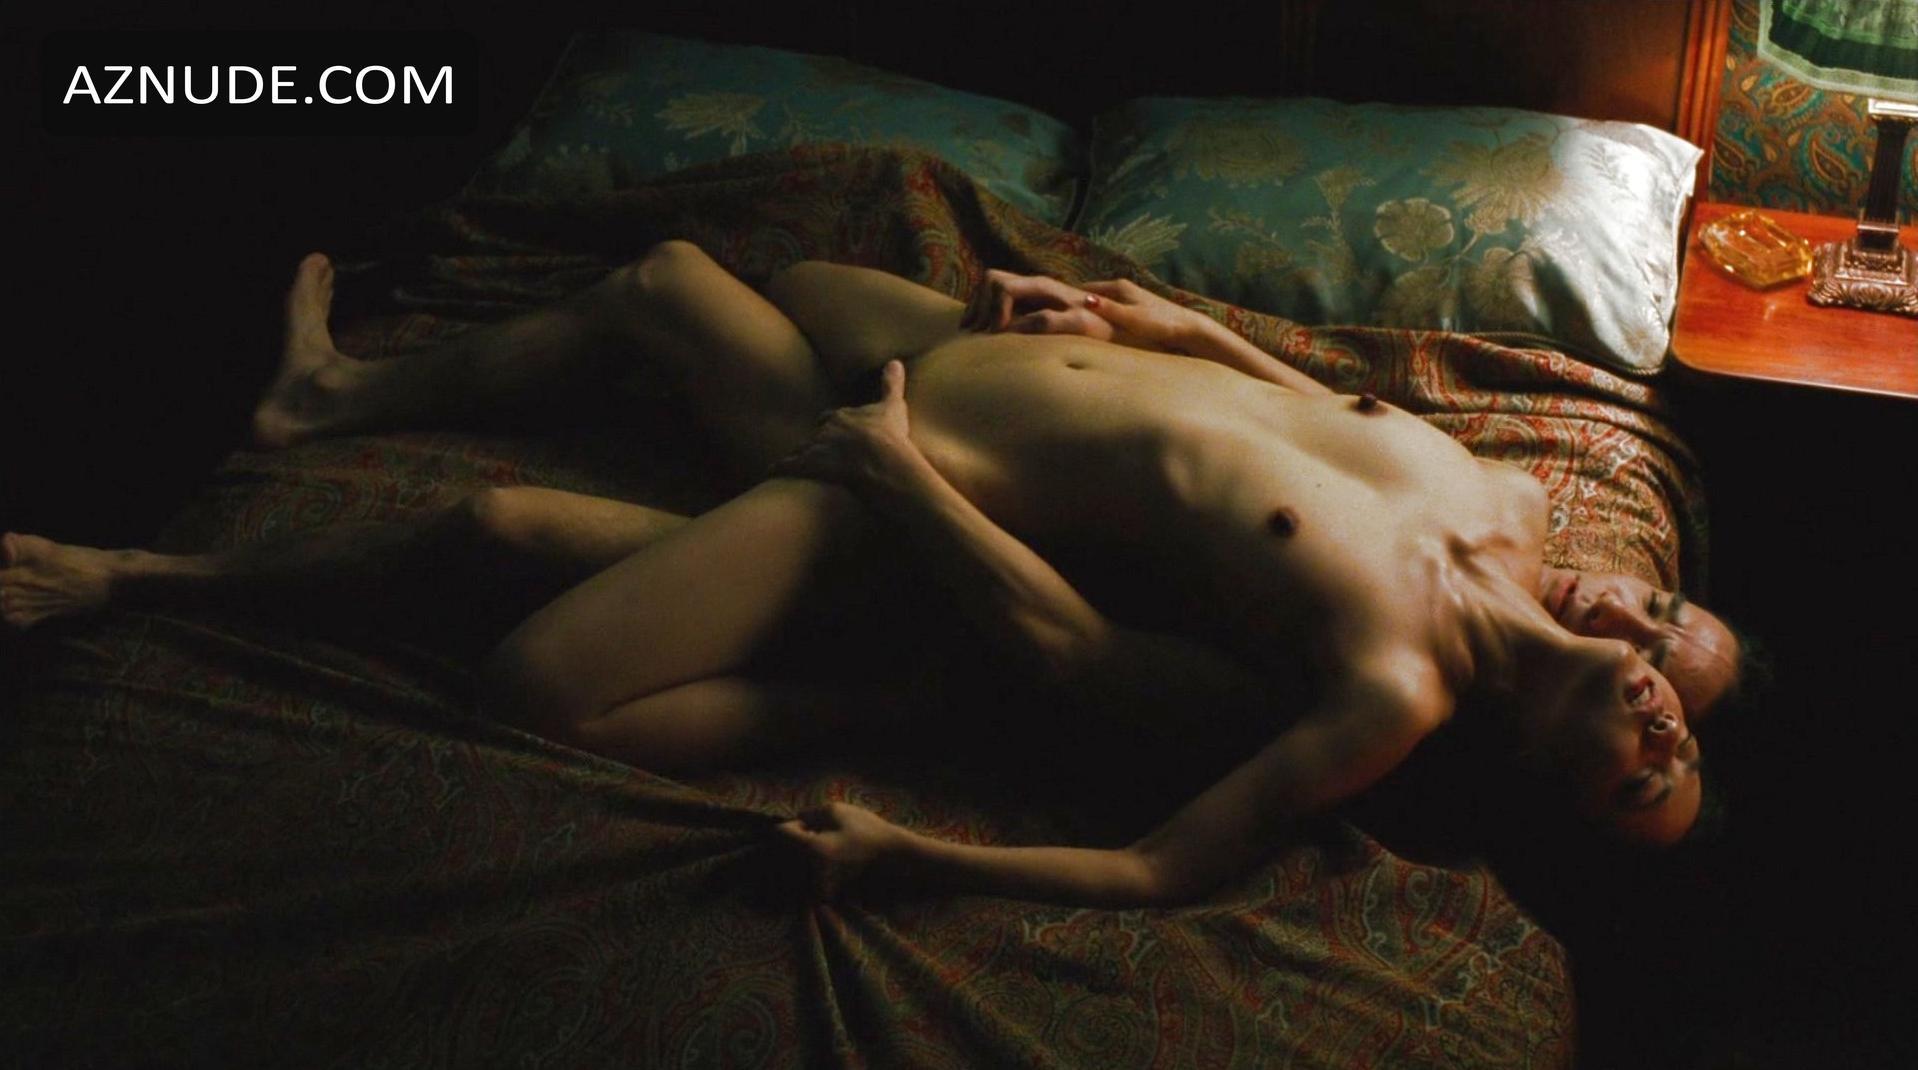 tang wei naked